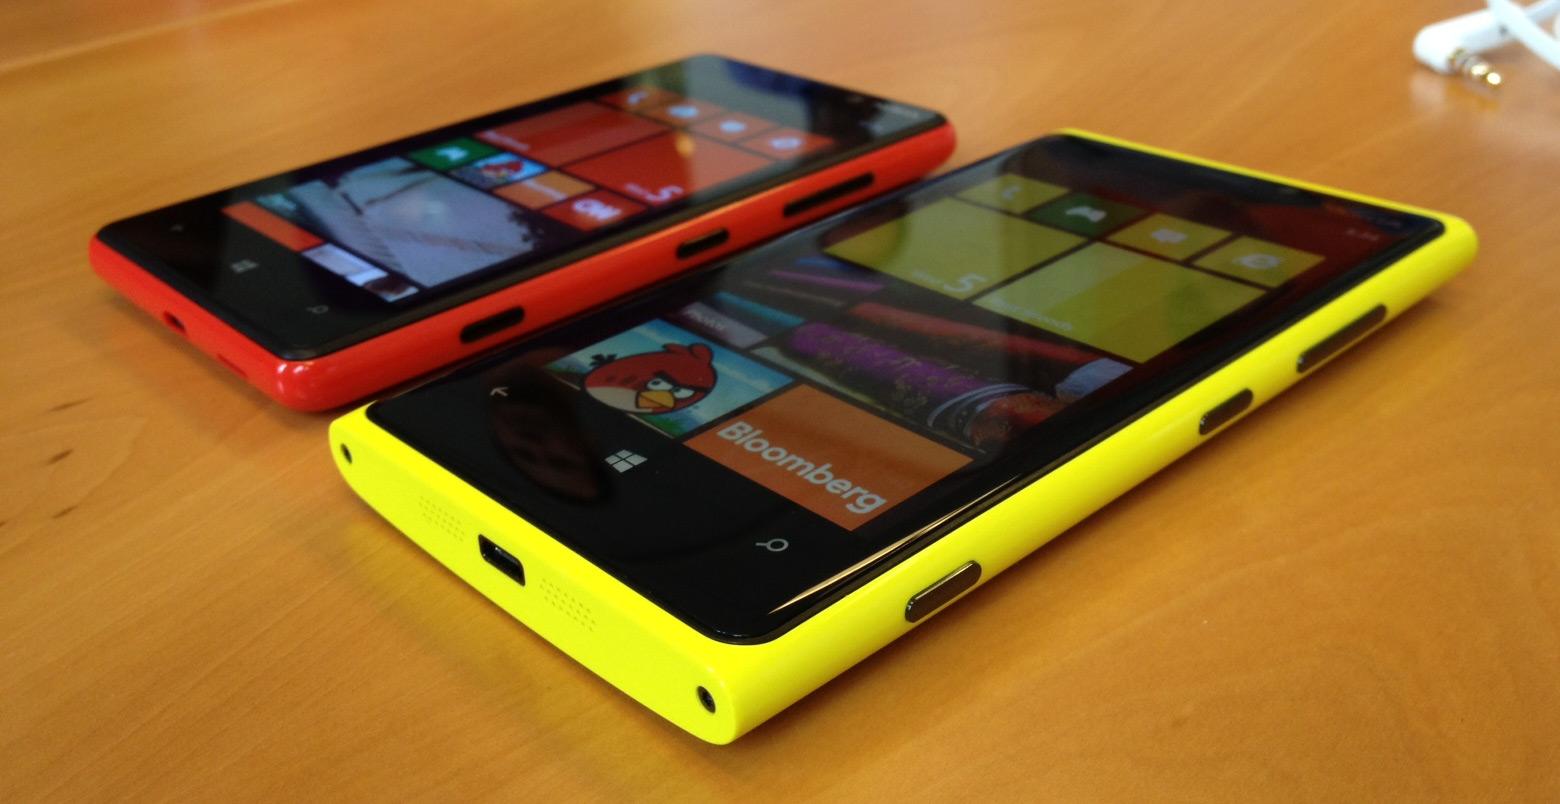 http://1.bp.blogspot.com/-R7weSBcSJJY/UUQVjYcDAQI/AAAAAAAAJAI/iEJ4EHySUHg/s1600/lumia-920-and-lumia-820.jpg